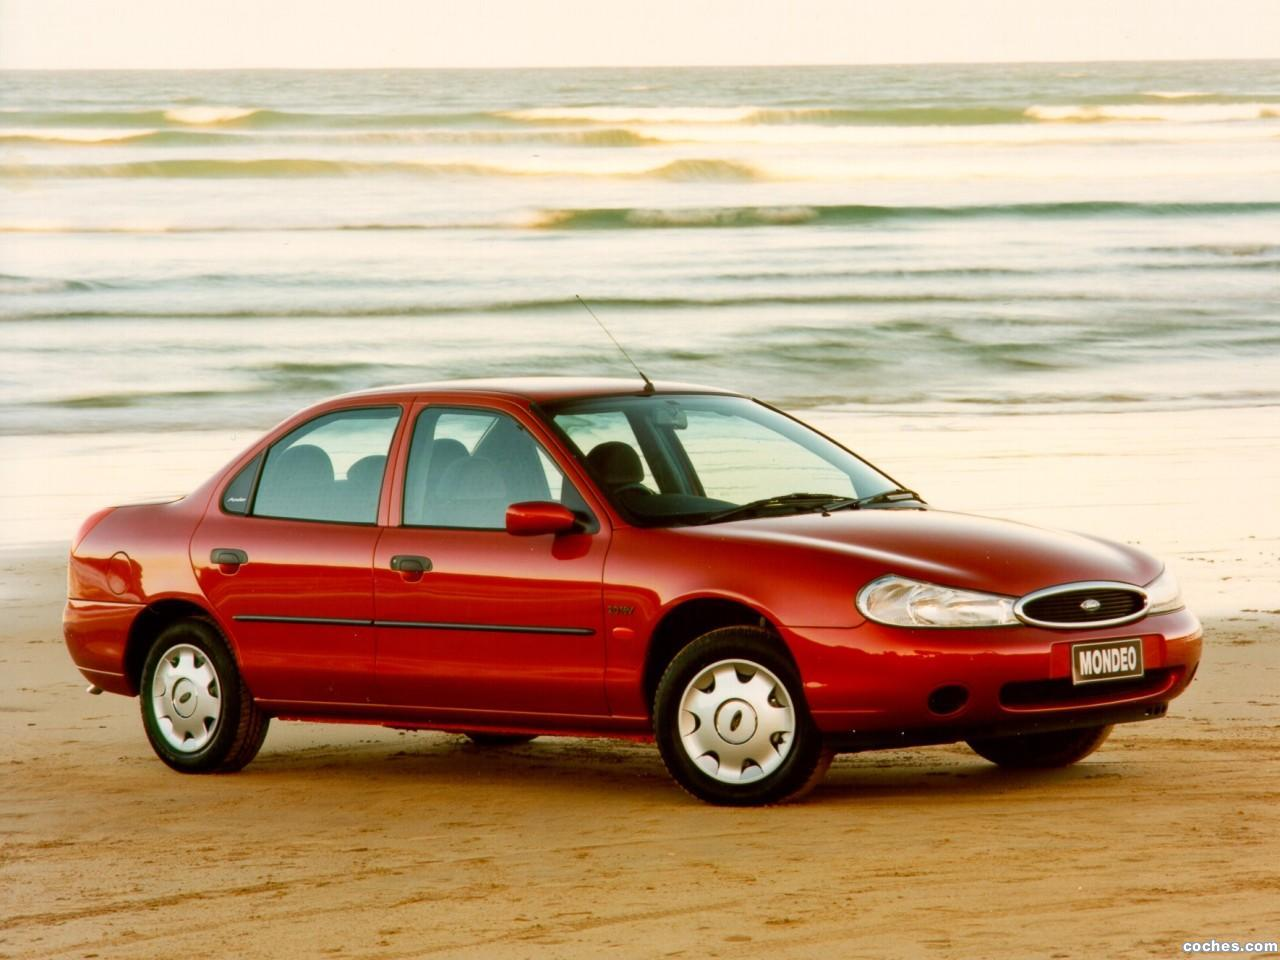 Foto 0 de Ford Mondeo Sedan UK 1996